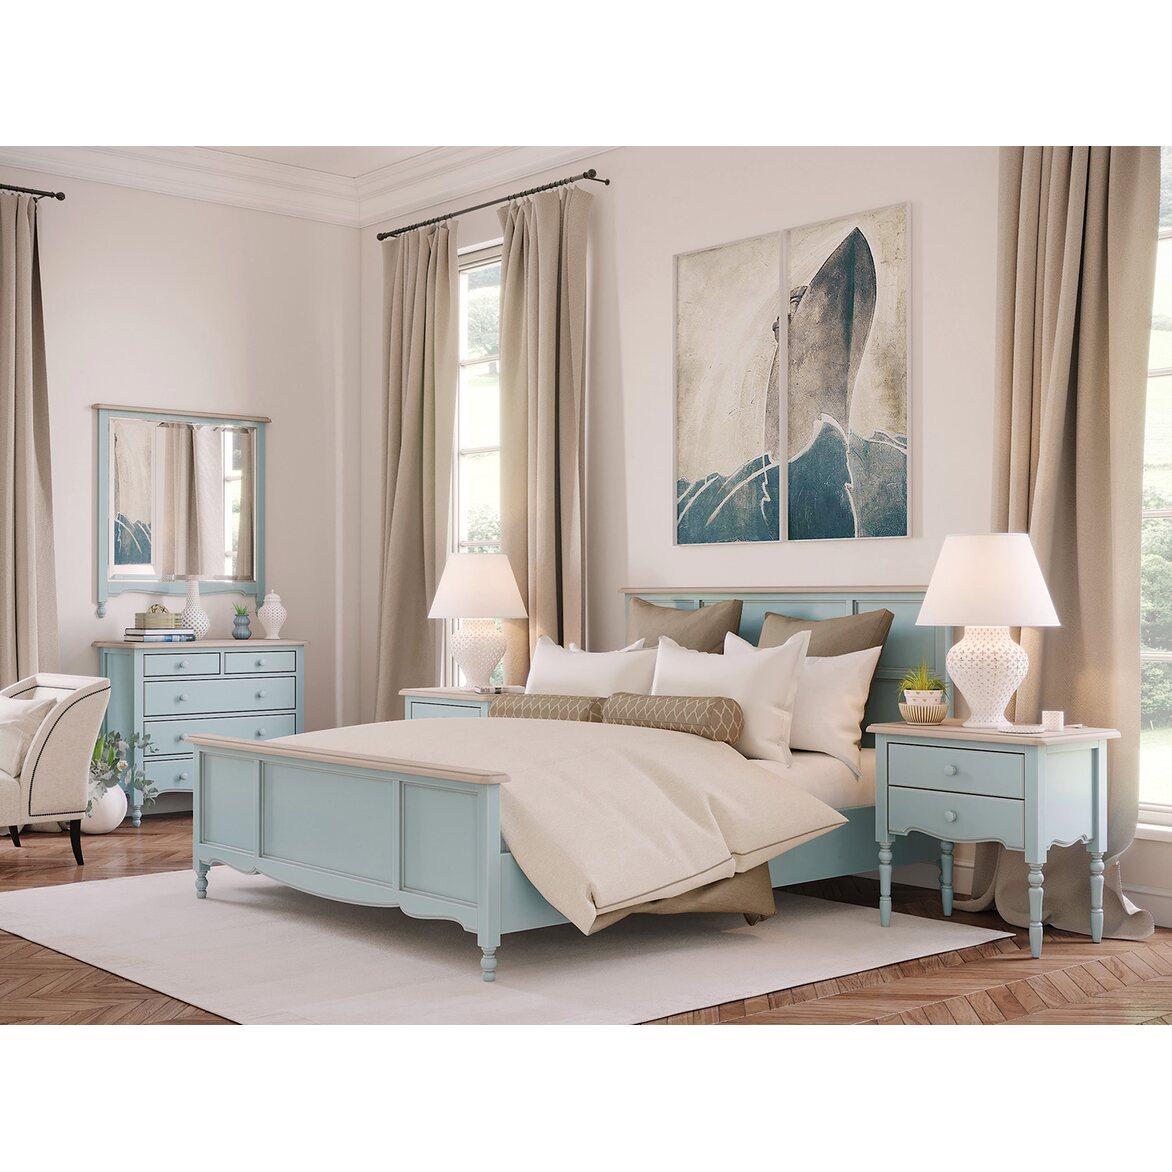 Кровать Leblanc голубая, с изножьем 2 | Двуспальные кровати Kingsby